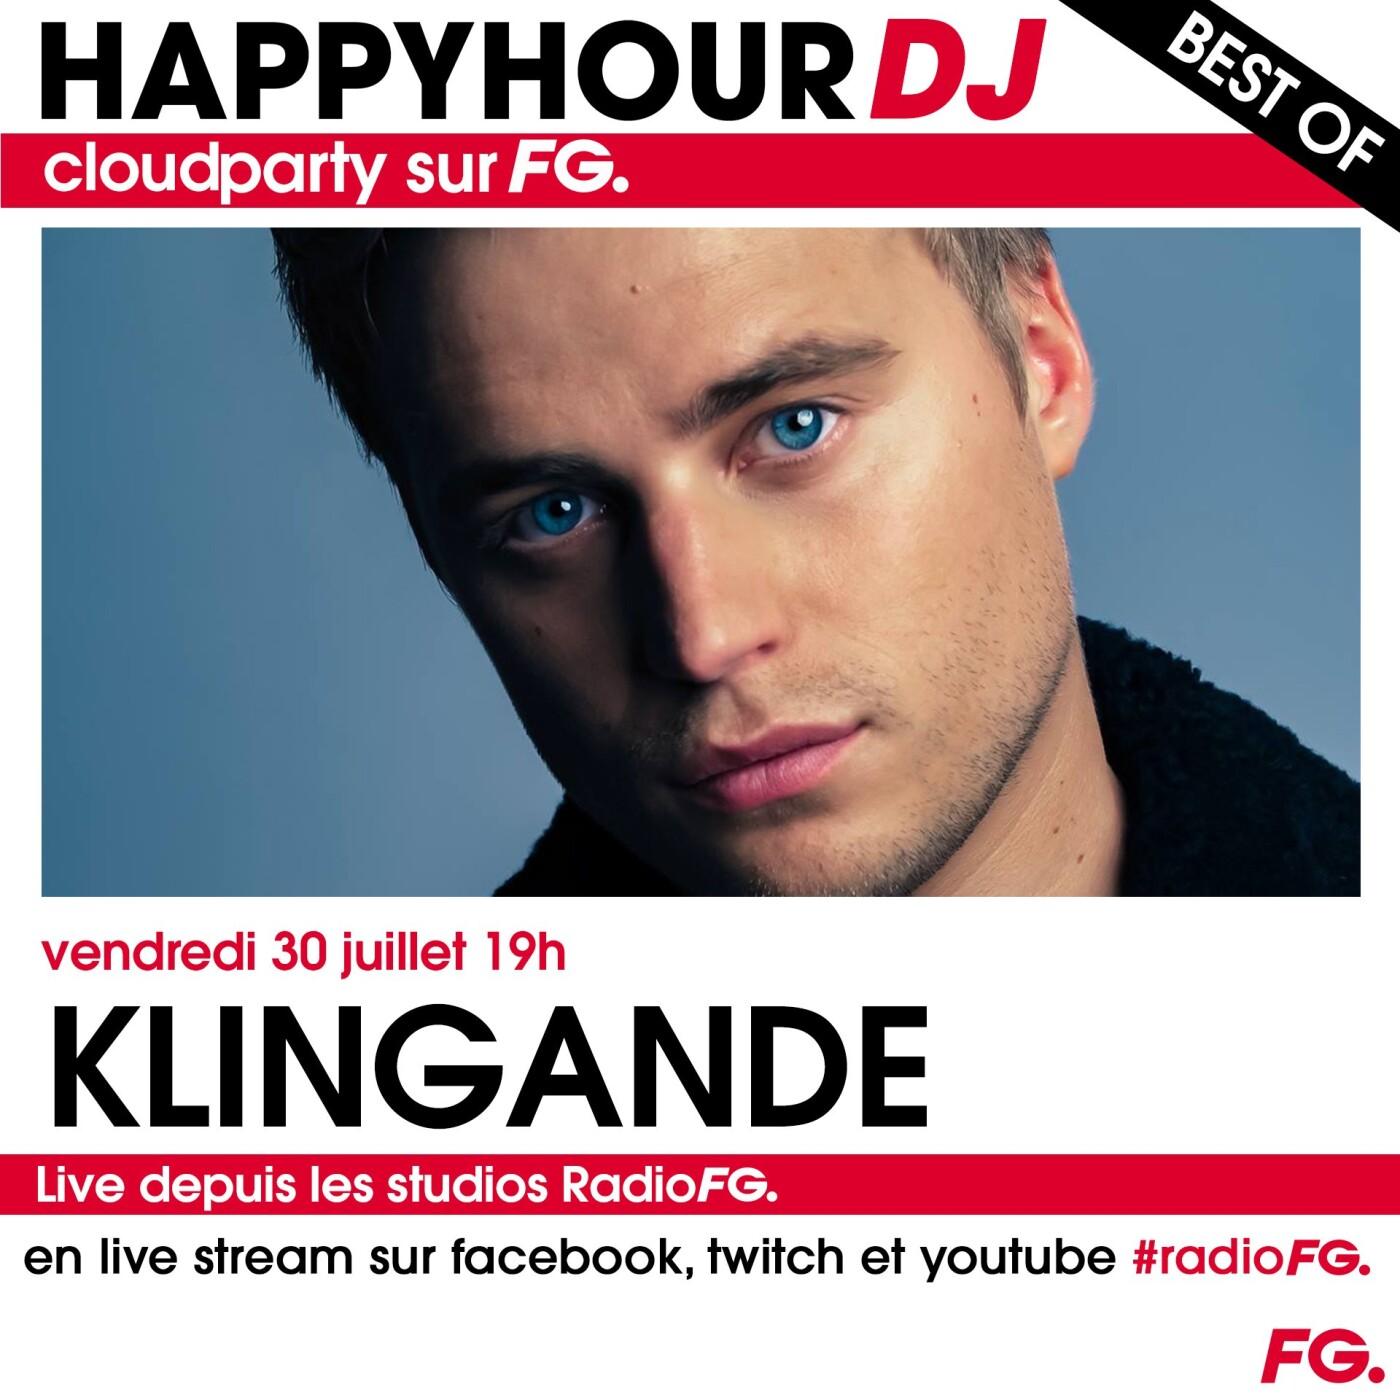 HAPPY HOUR DJ BEST OF : KLINGANDE